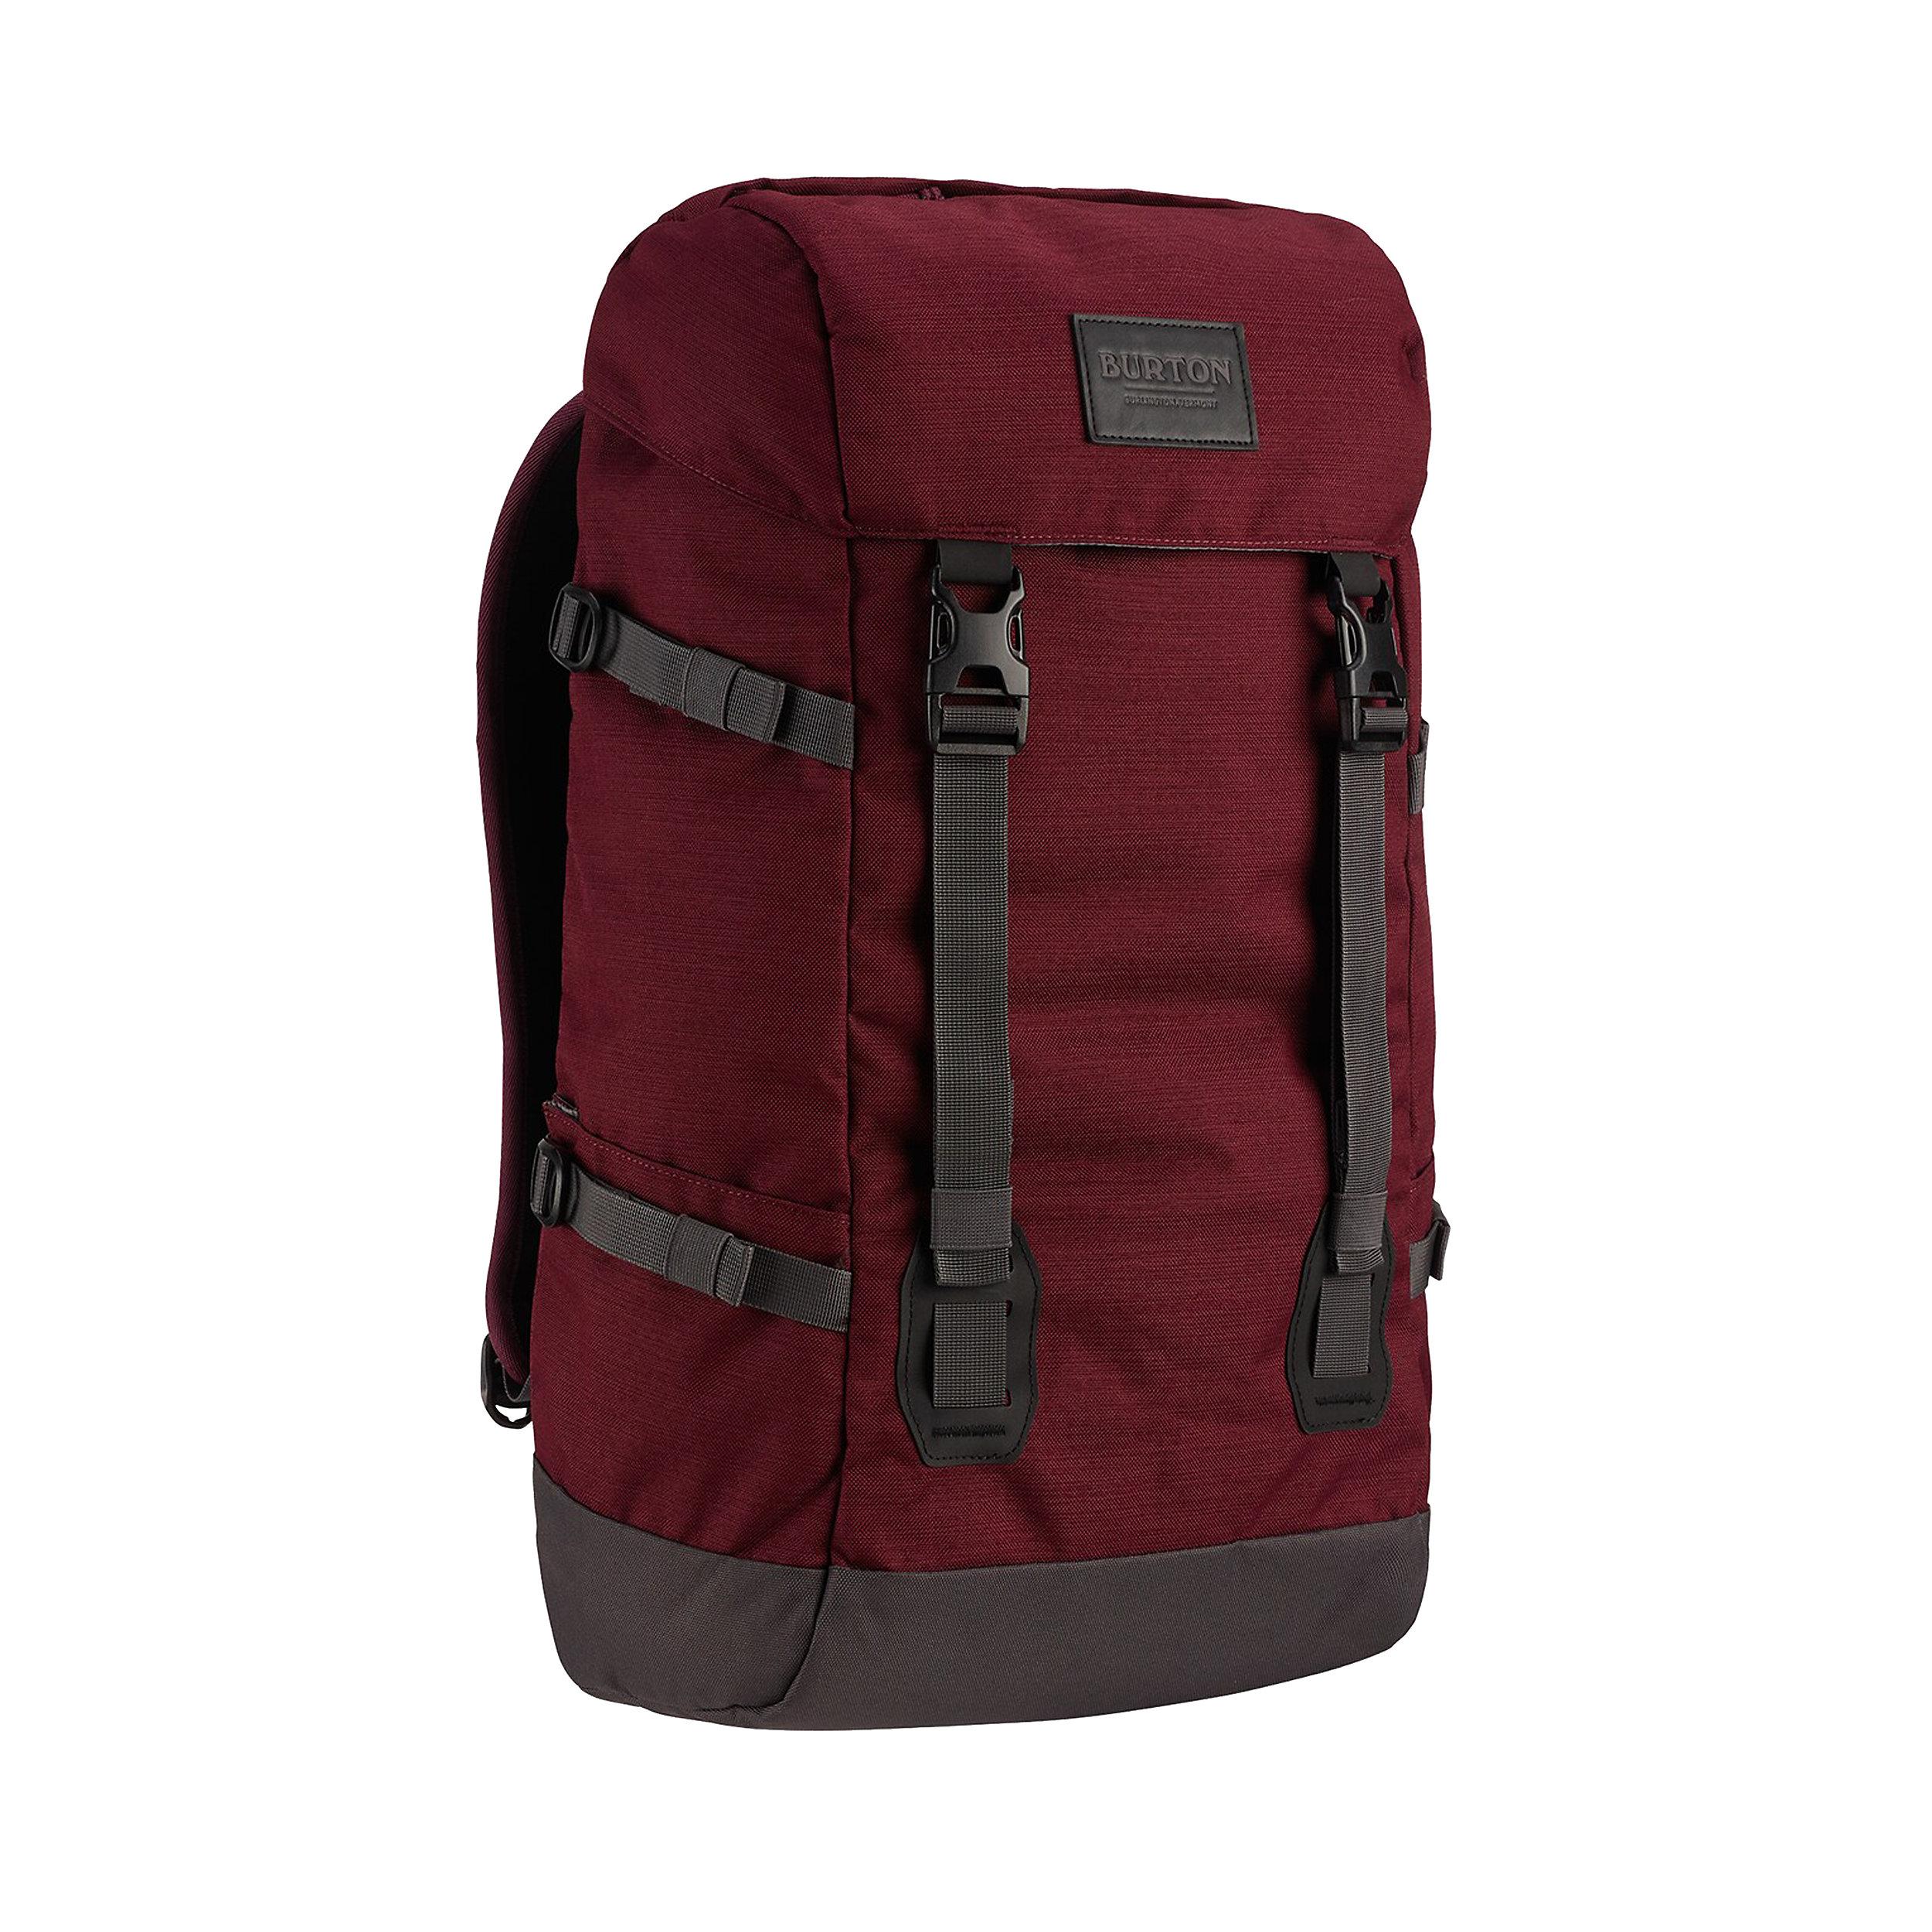 Backpack Tinder 2.0 15 inch L 30 Liter